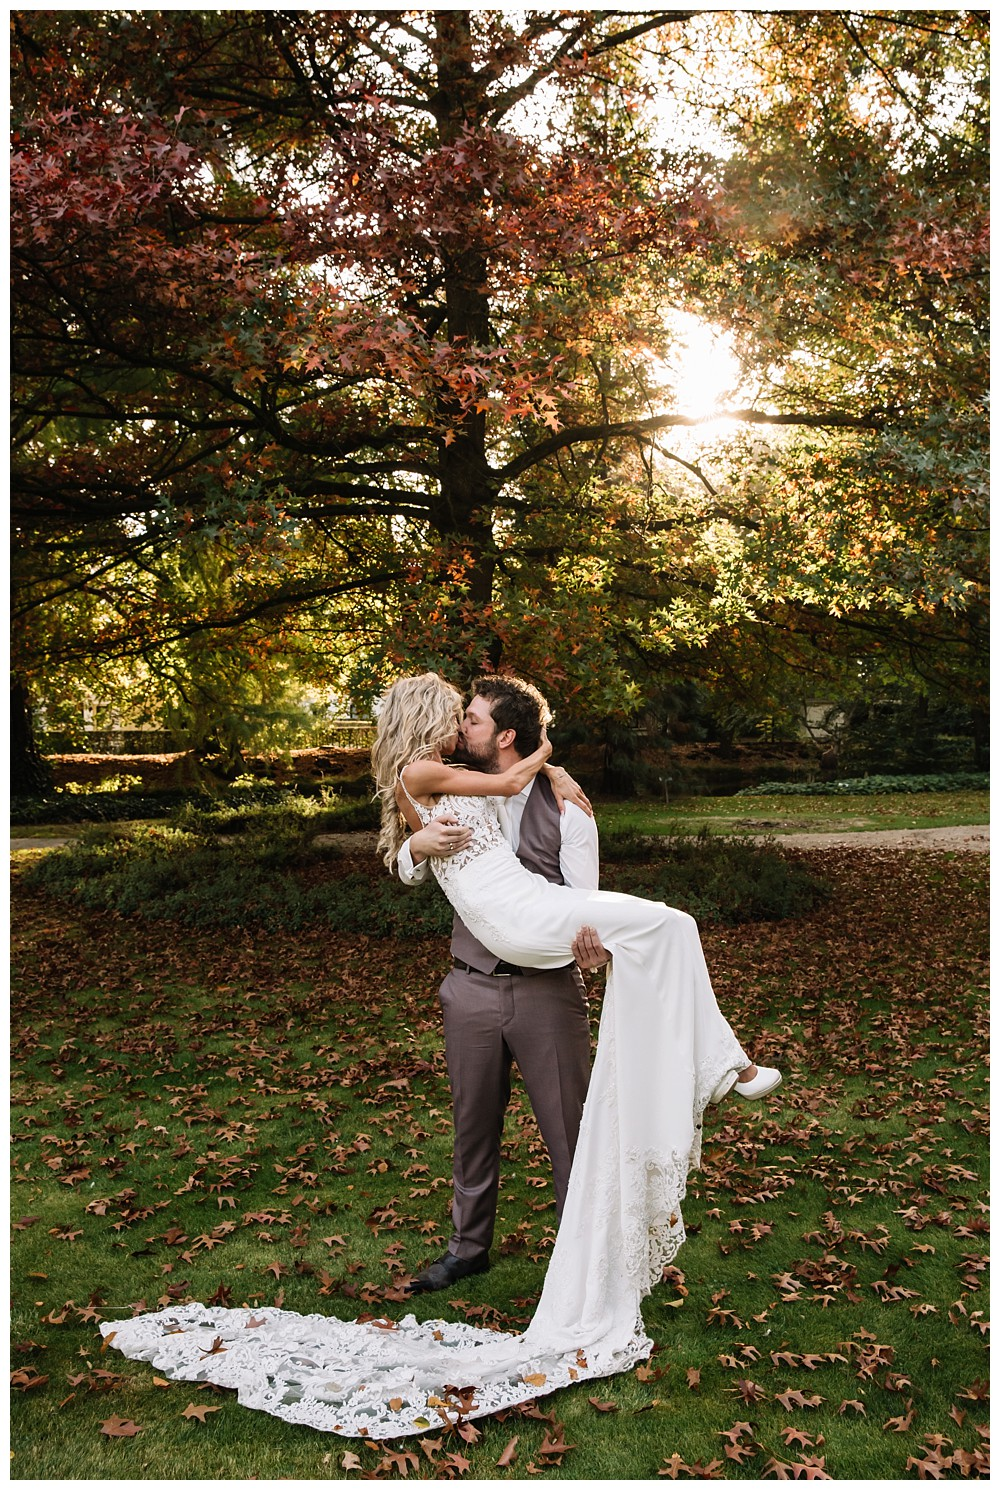 Oh-Belle_blog_Bruiloft_De-Vanenburg_Putten_Fotograaf-Putten_0084 Bruiloft De Vanenburg Putten